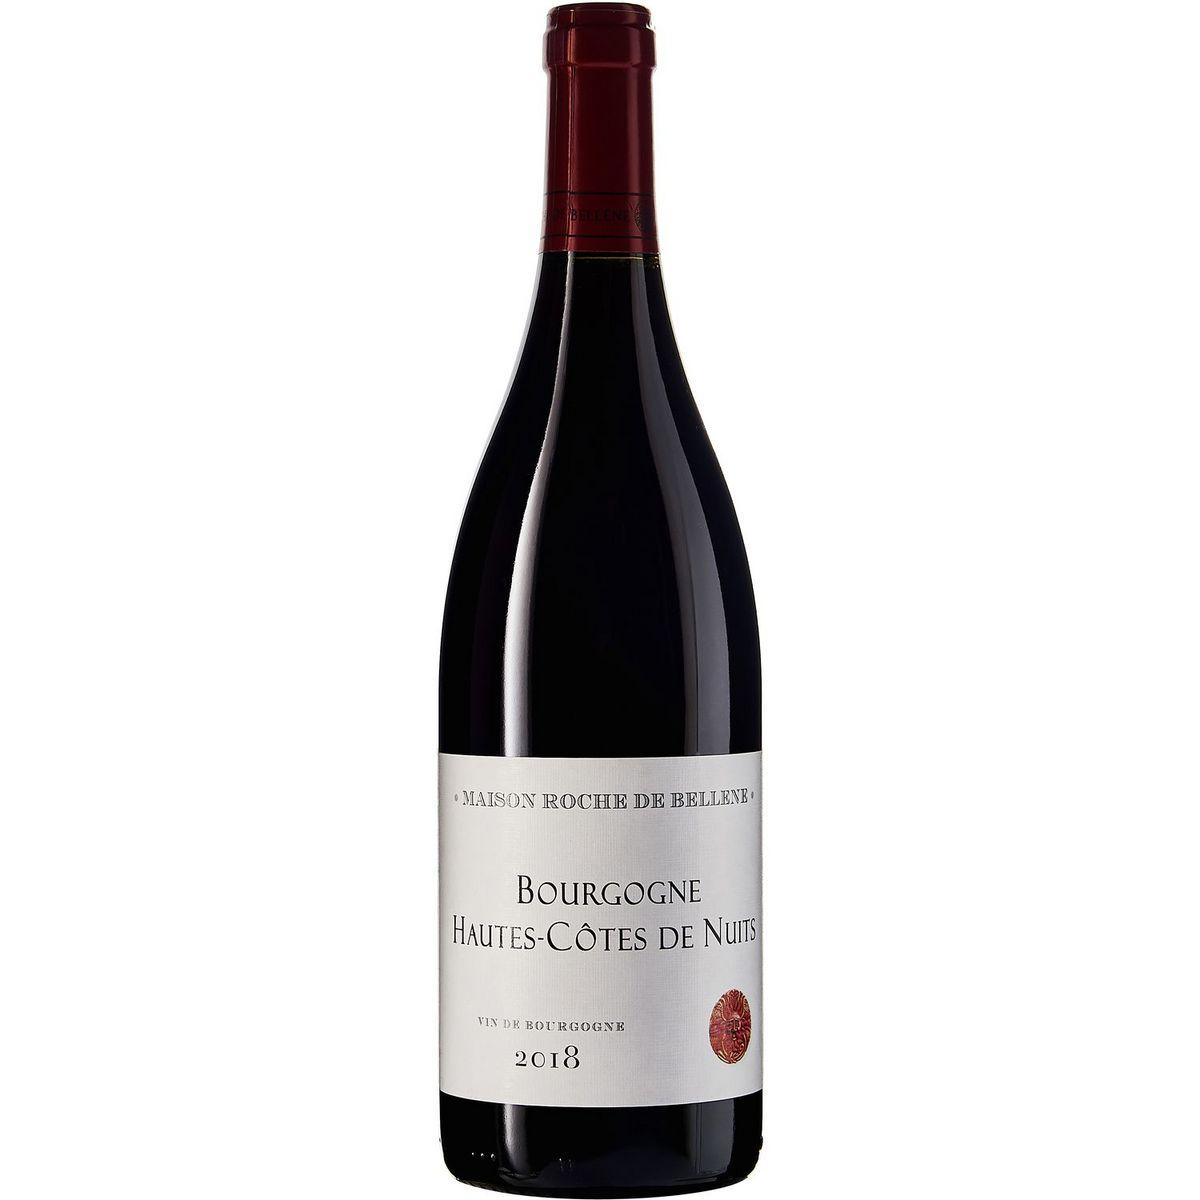 AOP Bourgogne Hautes Côtes de Nuits Maison Roche de Bellene rouge 2018